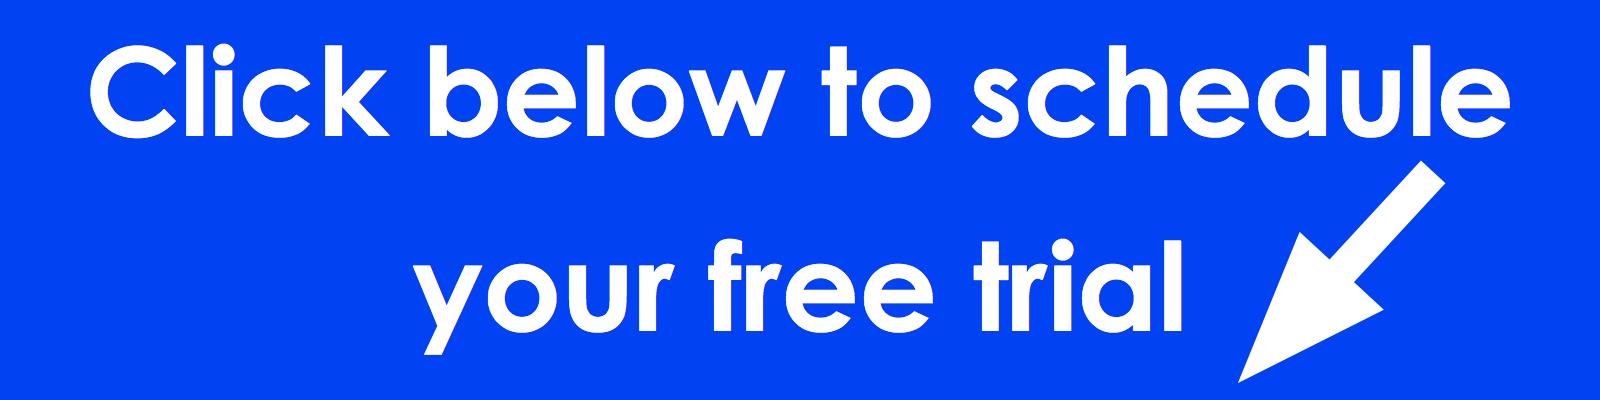 ClickBelowForFreeTrial.jpg